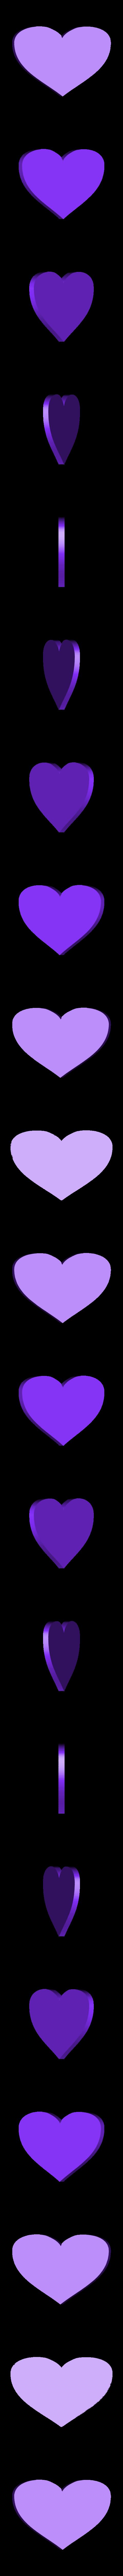 coeur plein trés petit.stl Download STL file panda hearts decoration • 3D printer template, catf3d